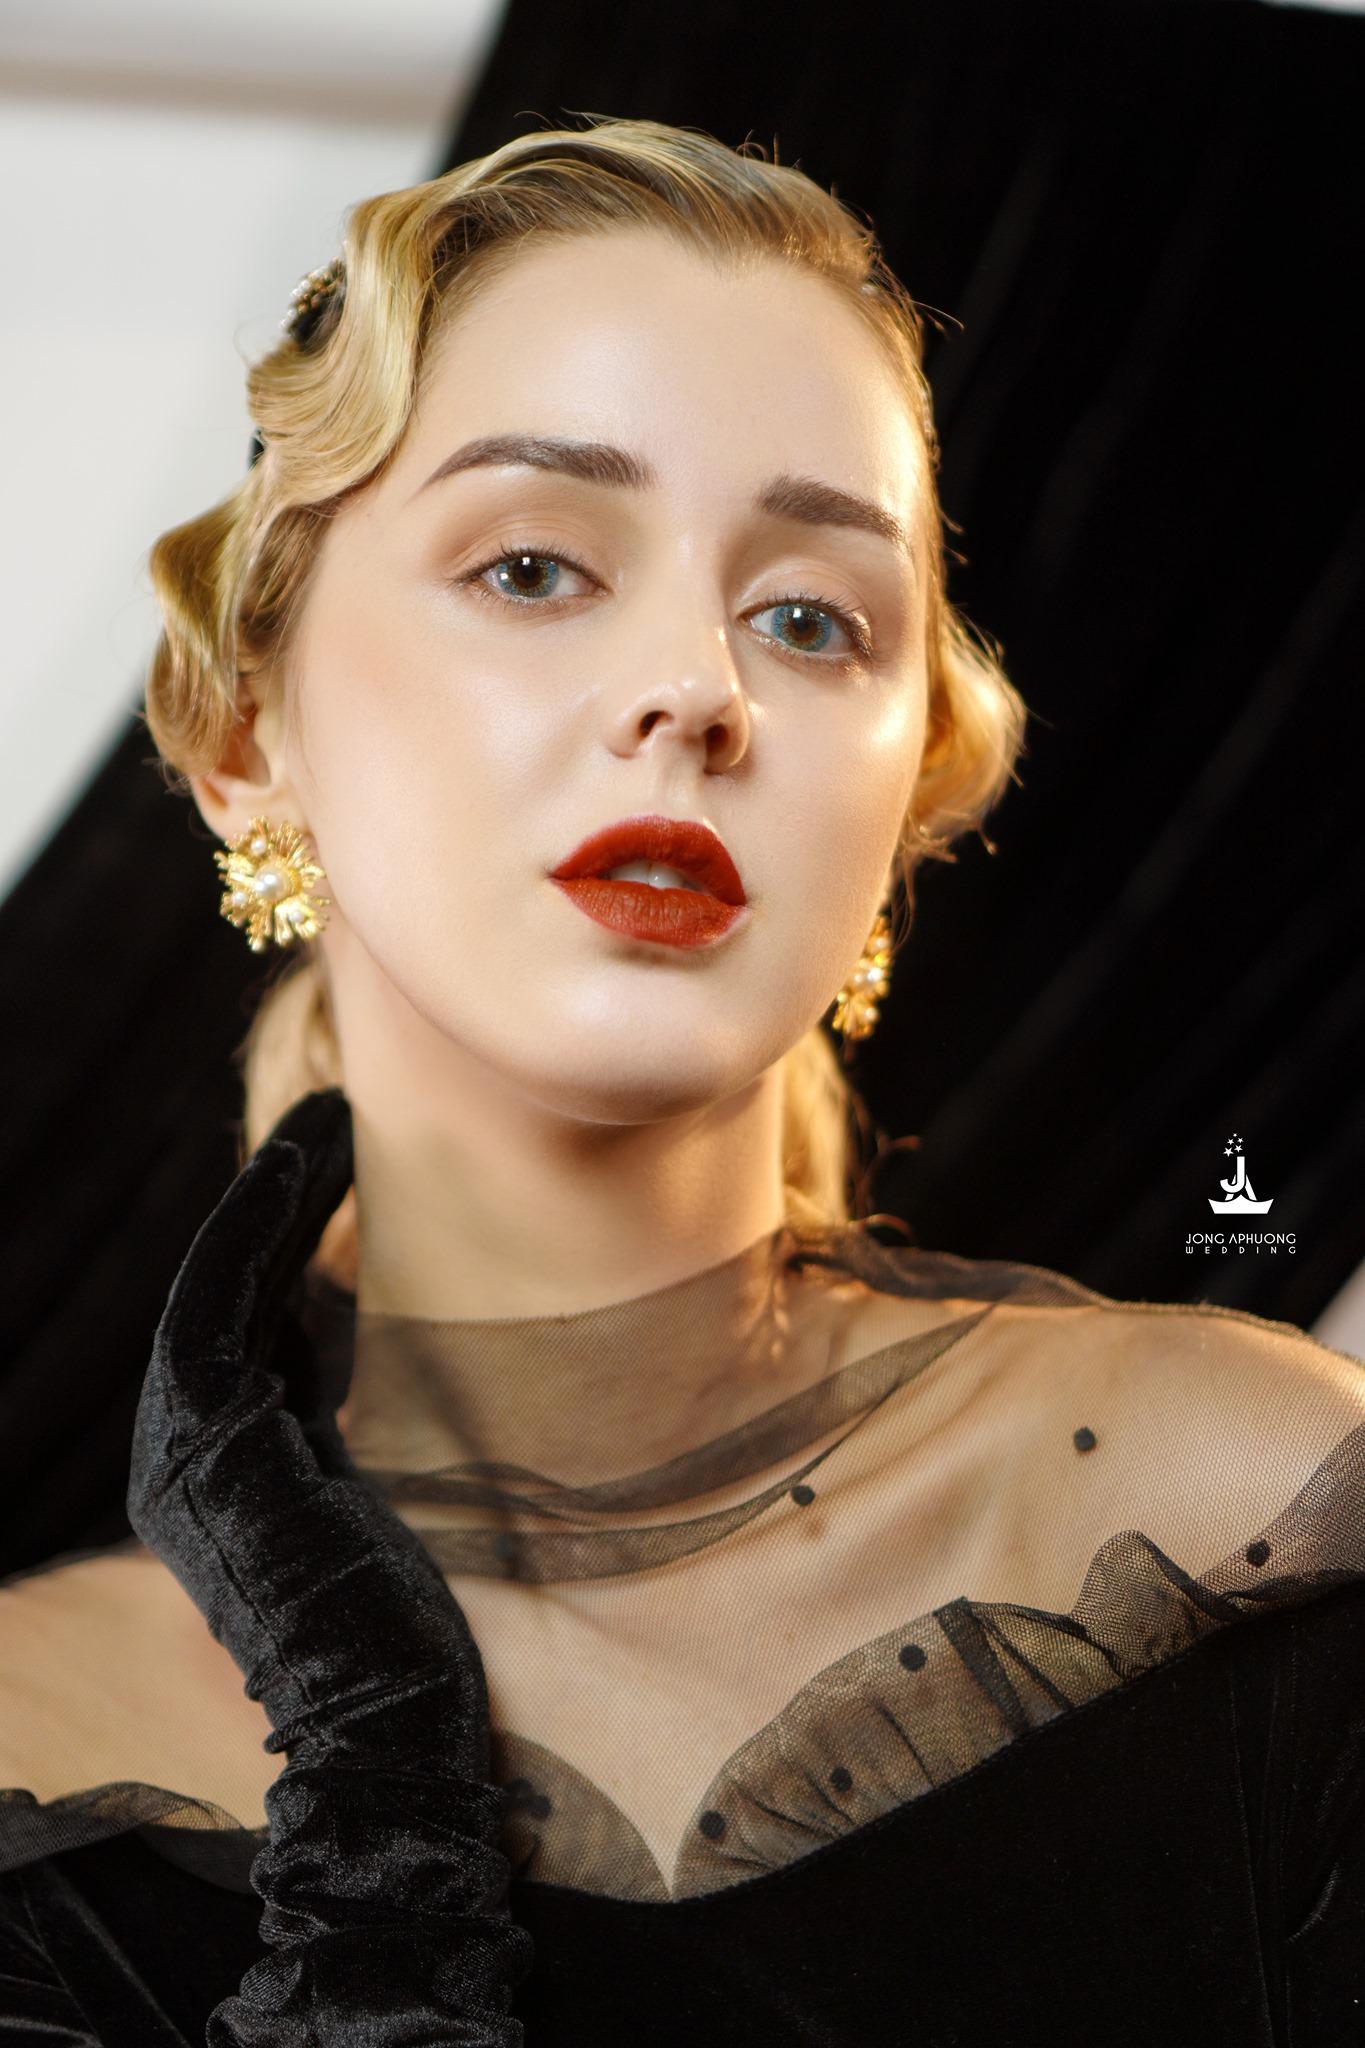 Top 7 tiệm trang điểm cô dâu đẹp nhất tại Đà Nẵng -  Jong APhương Make up Academy (Jong APhuong Wedding)